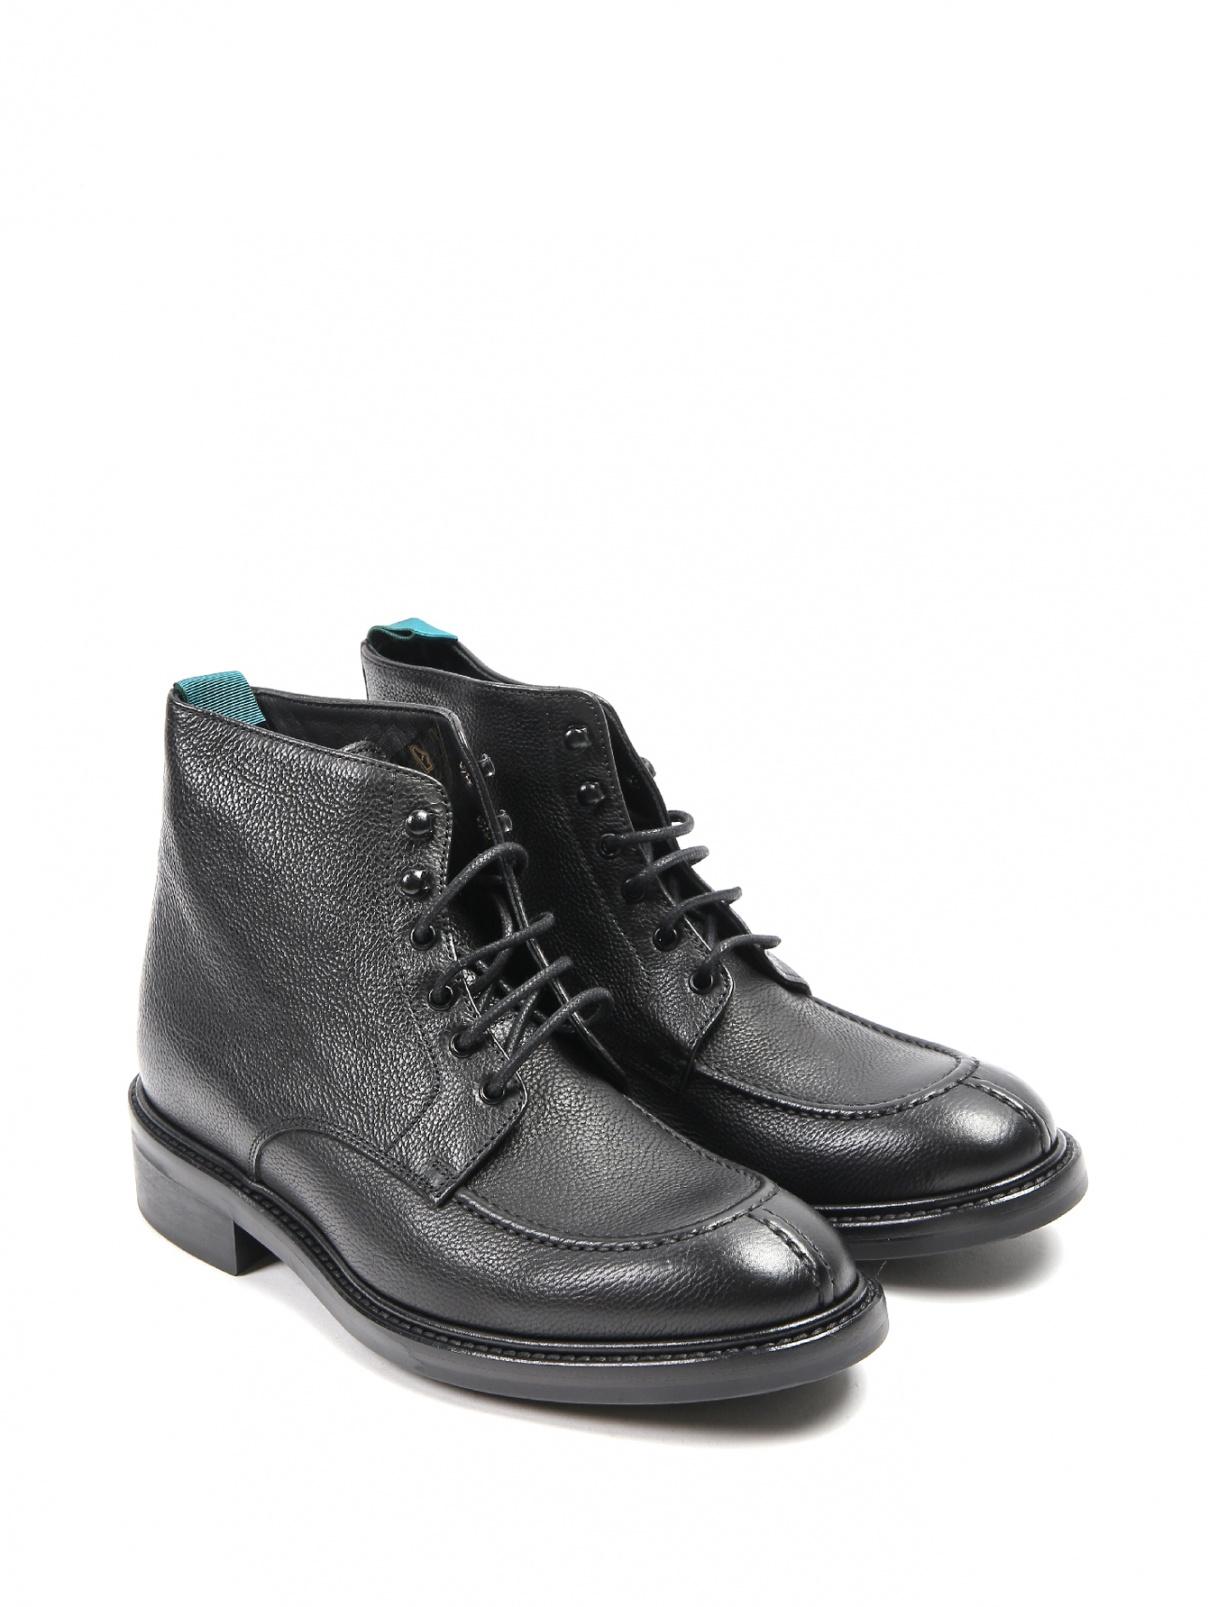 Ботинки кожаные на шнурках Paul Smith  –  Общий вид